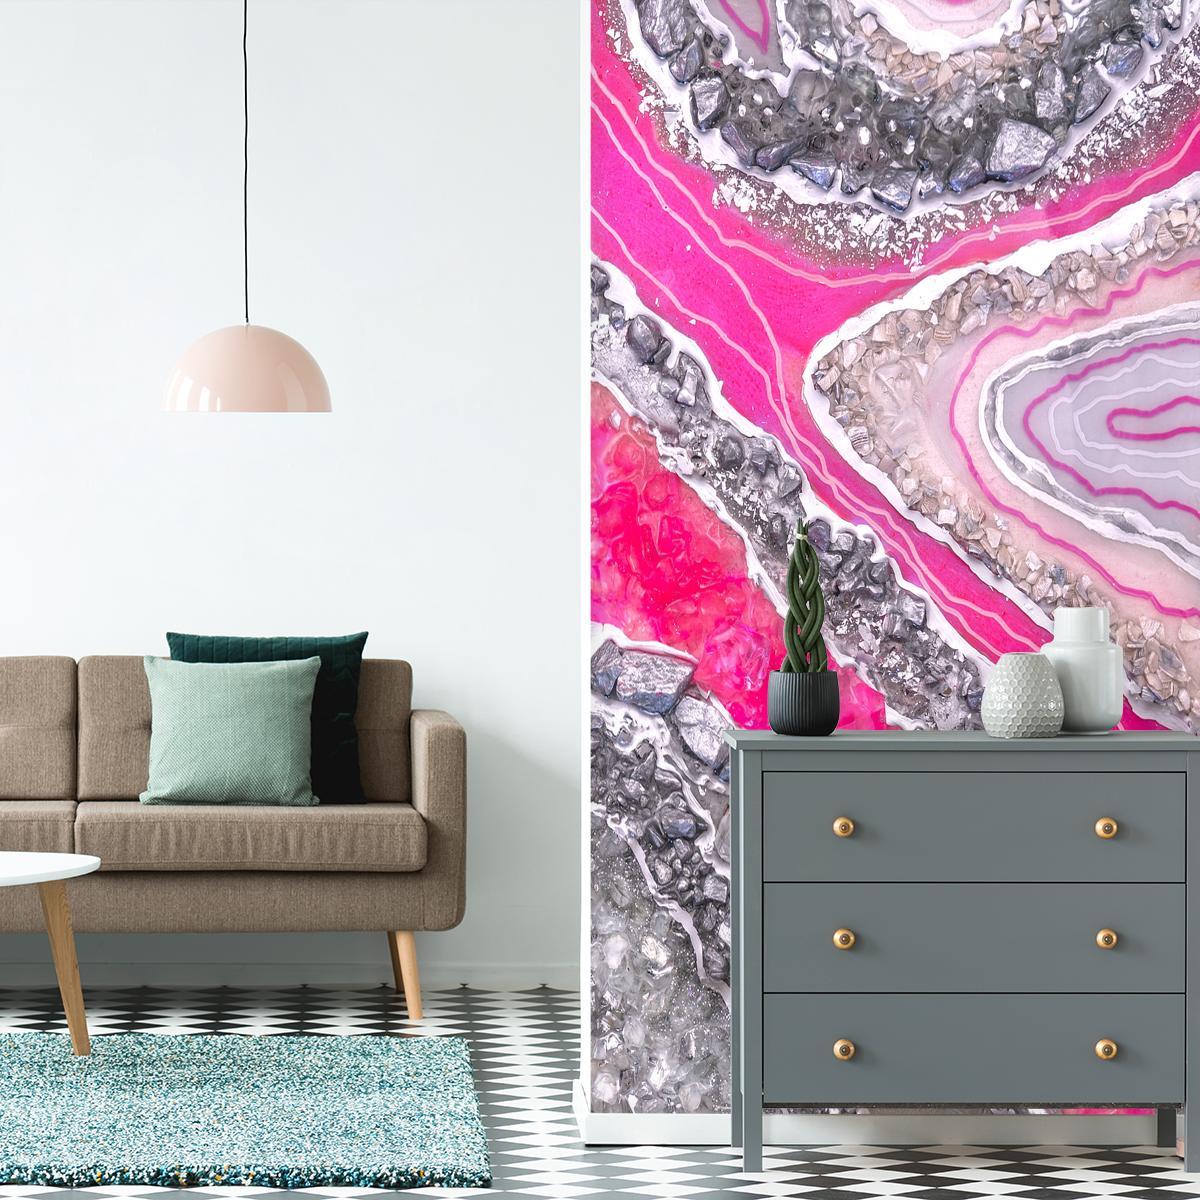 dekoracja różowa ze wzorami